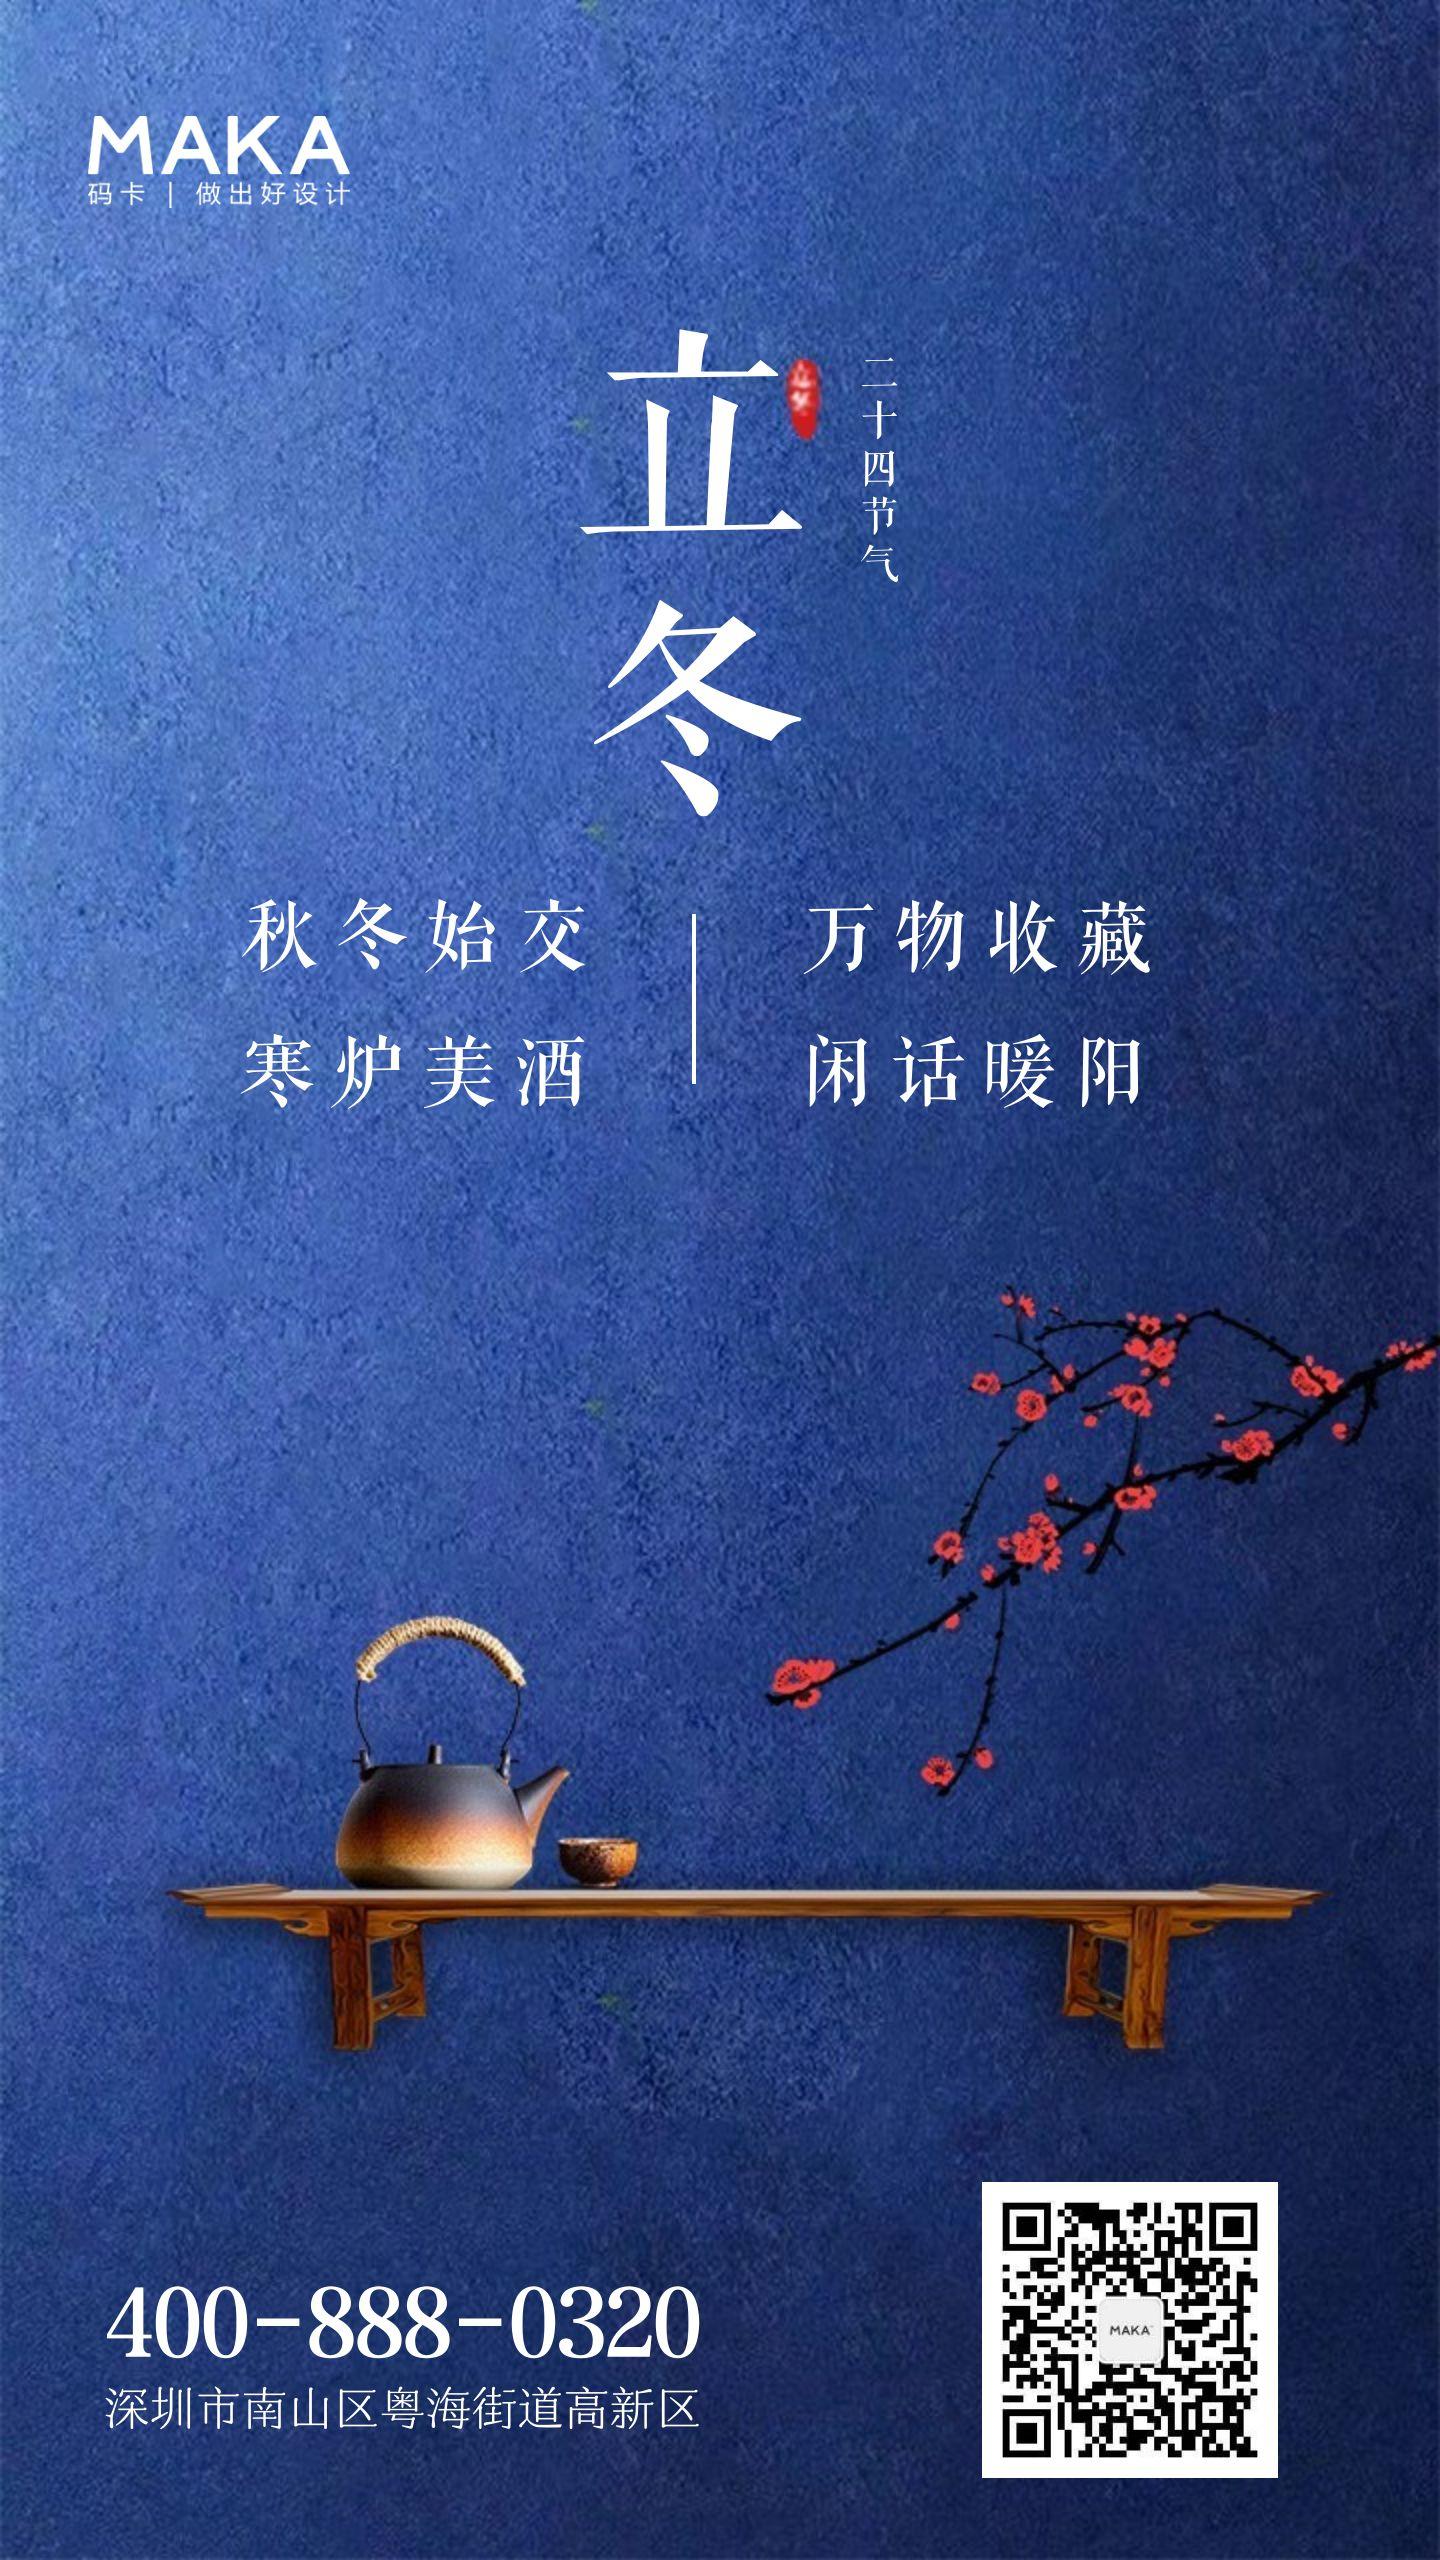 中国风古典大气公司/企业立冬时节宣传推广海报